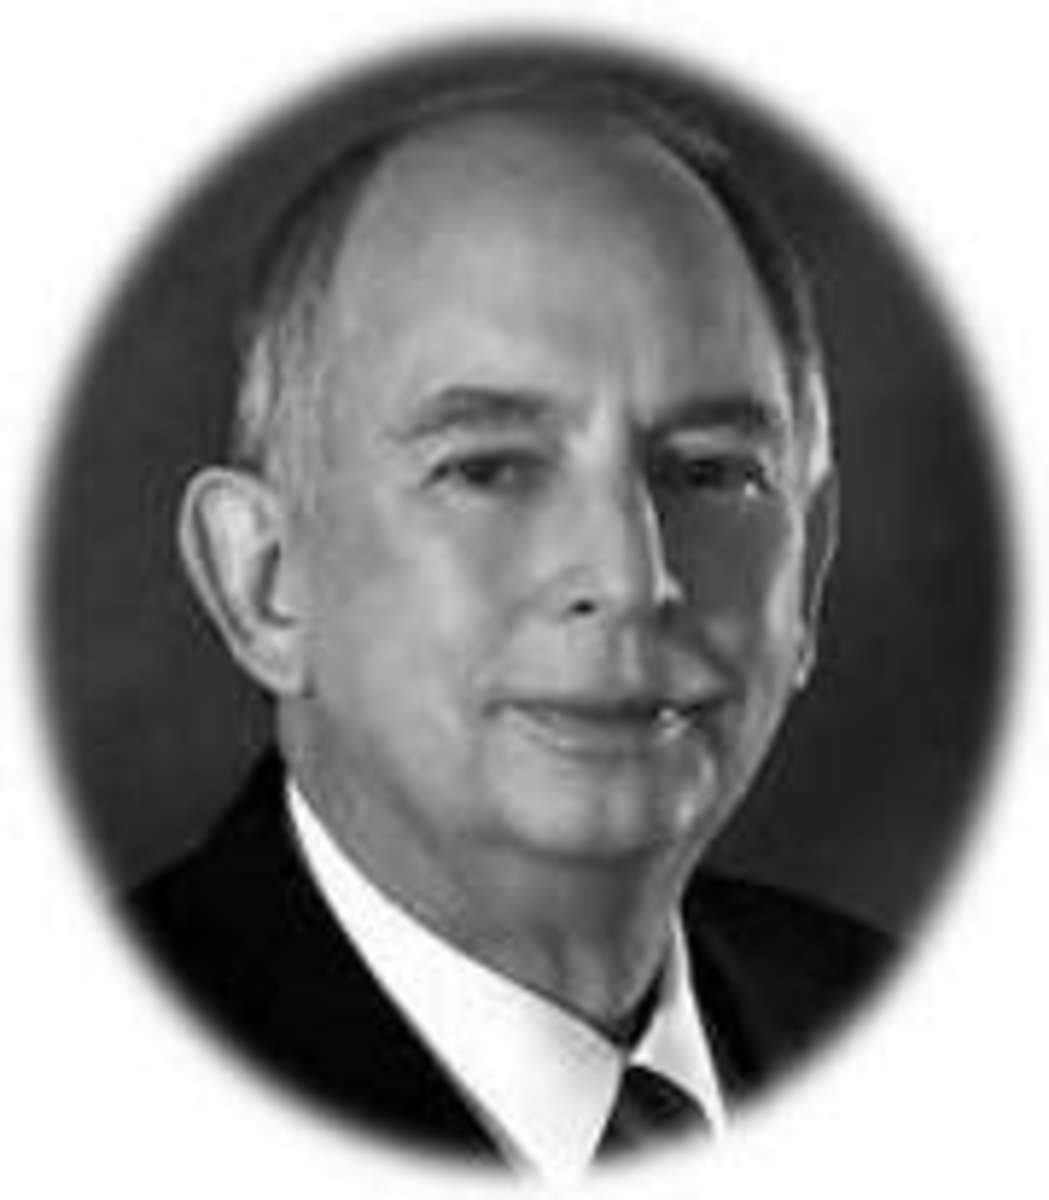 Robert Beall Tudor, Jr., known as Buddy Tudor (May 18, 1935March 14, 2010) - cancer deaths